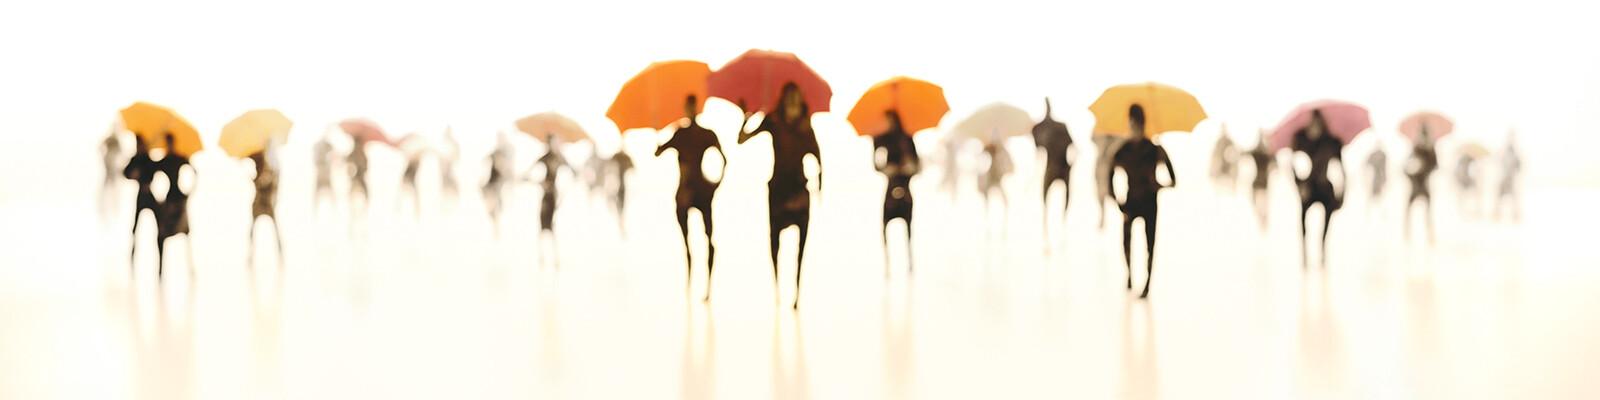 Umbrellas II - Joerg Maxzin